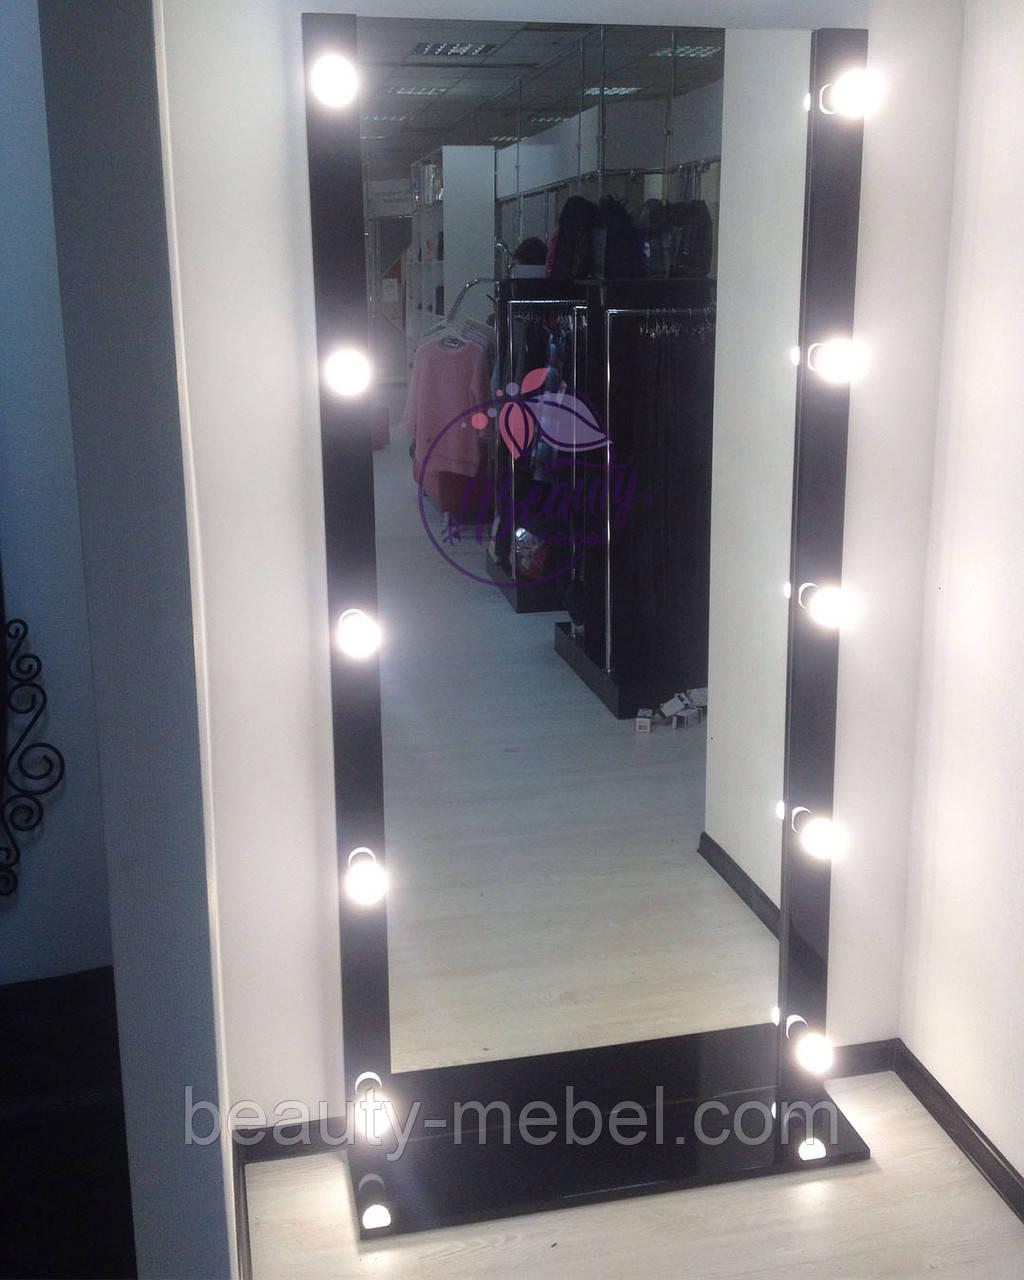 Высокое, гримерное зеркало с подсветкой по бокам